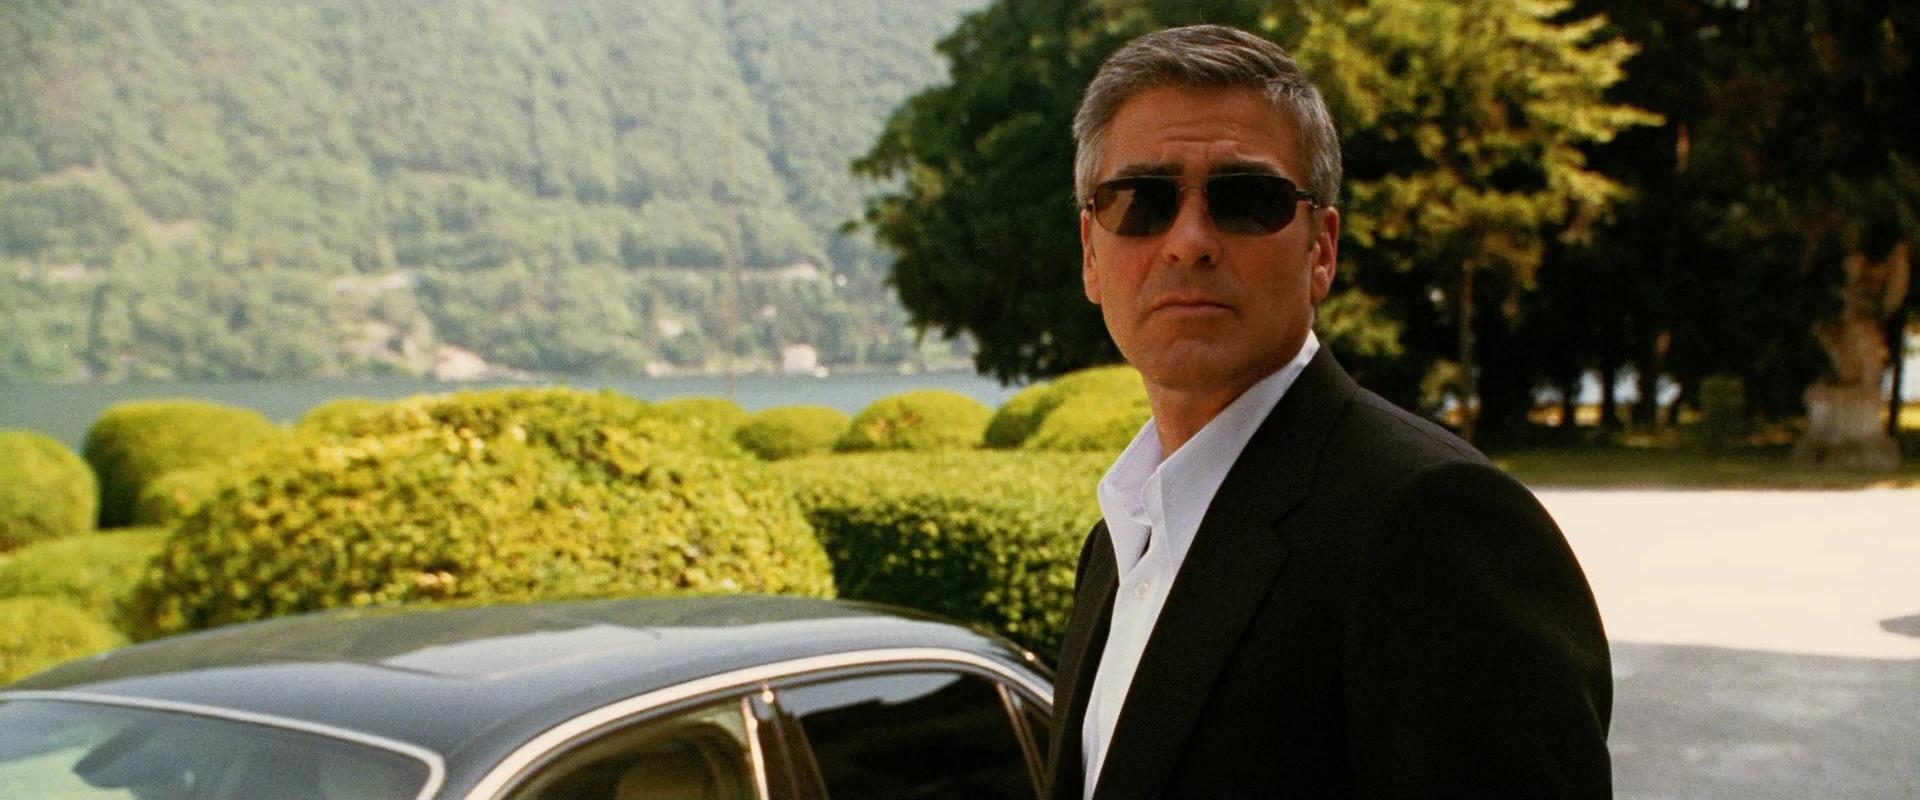 Persol Sunglasses Worn By George Clooney In Ocean S Twelve